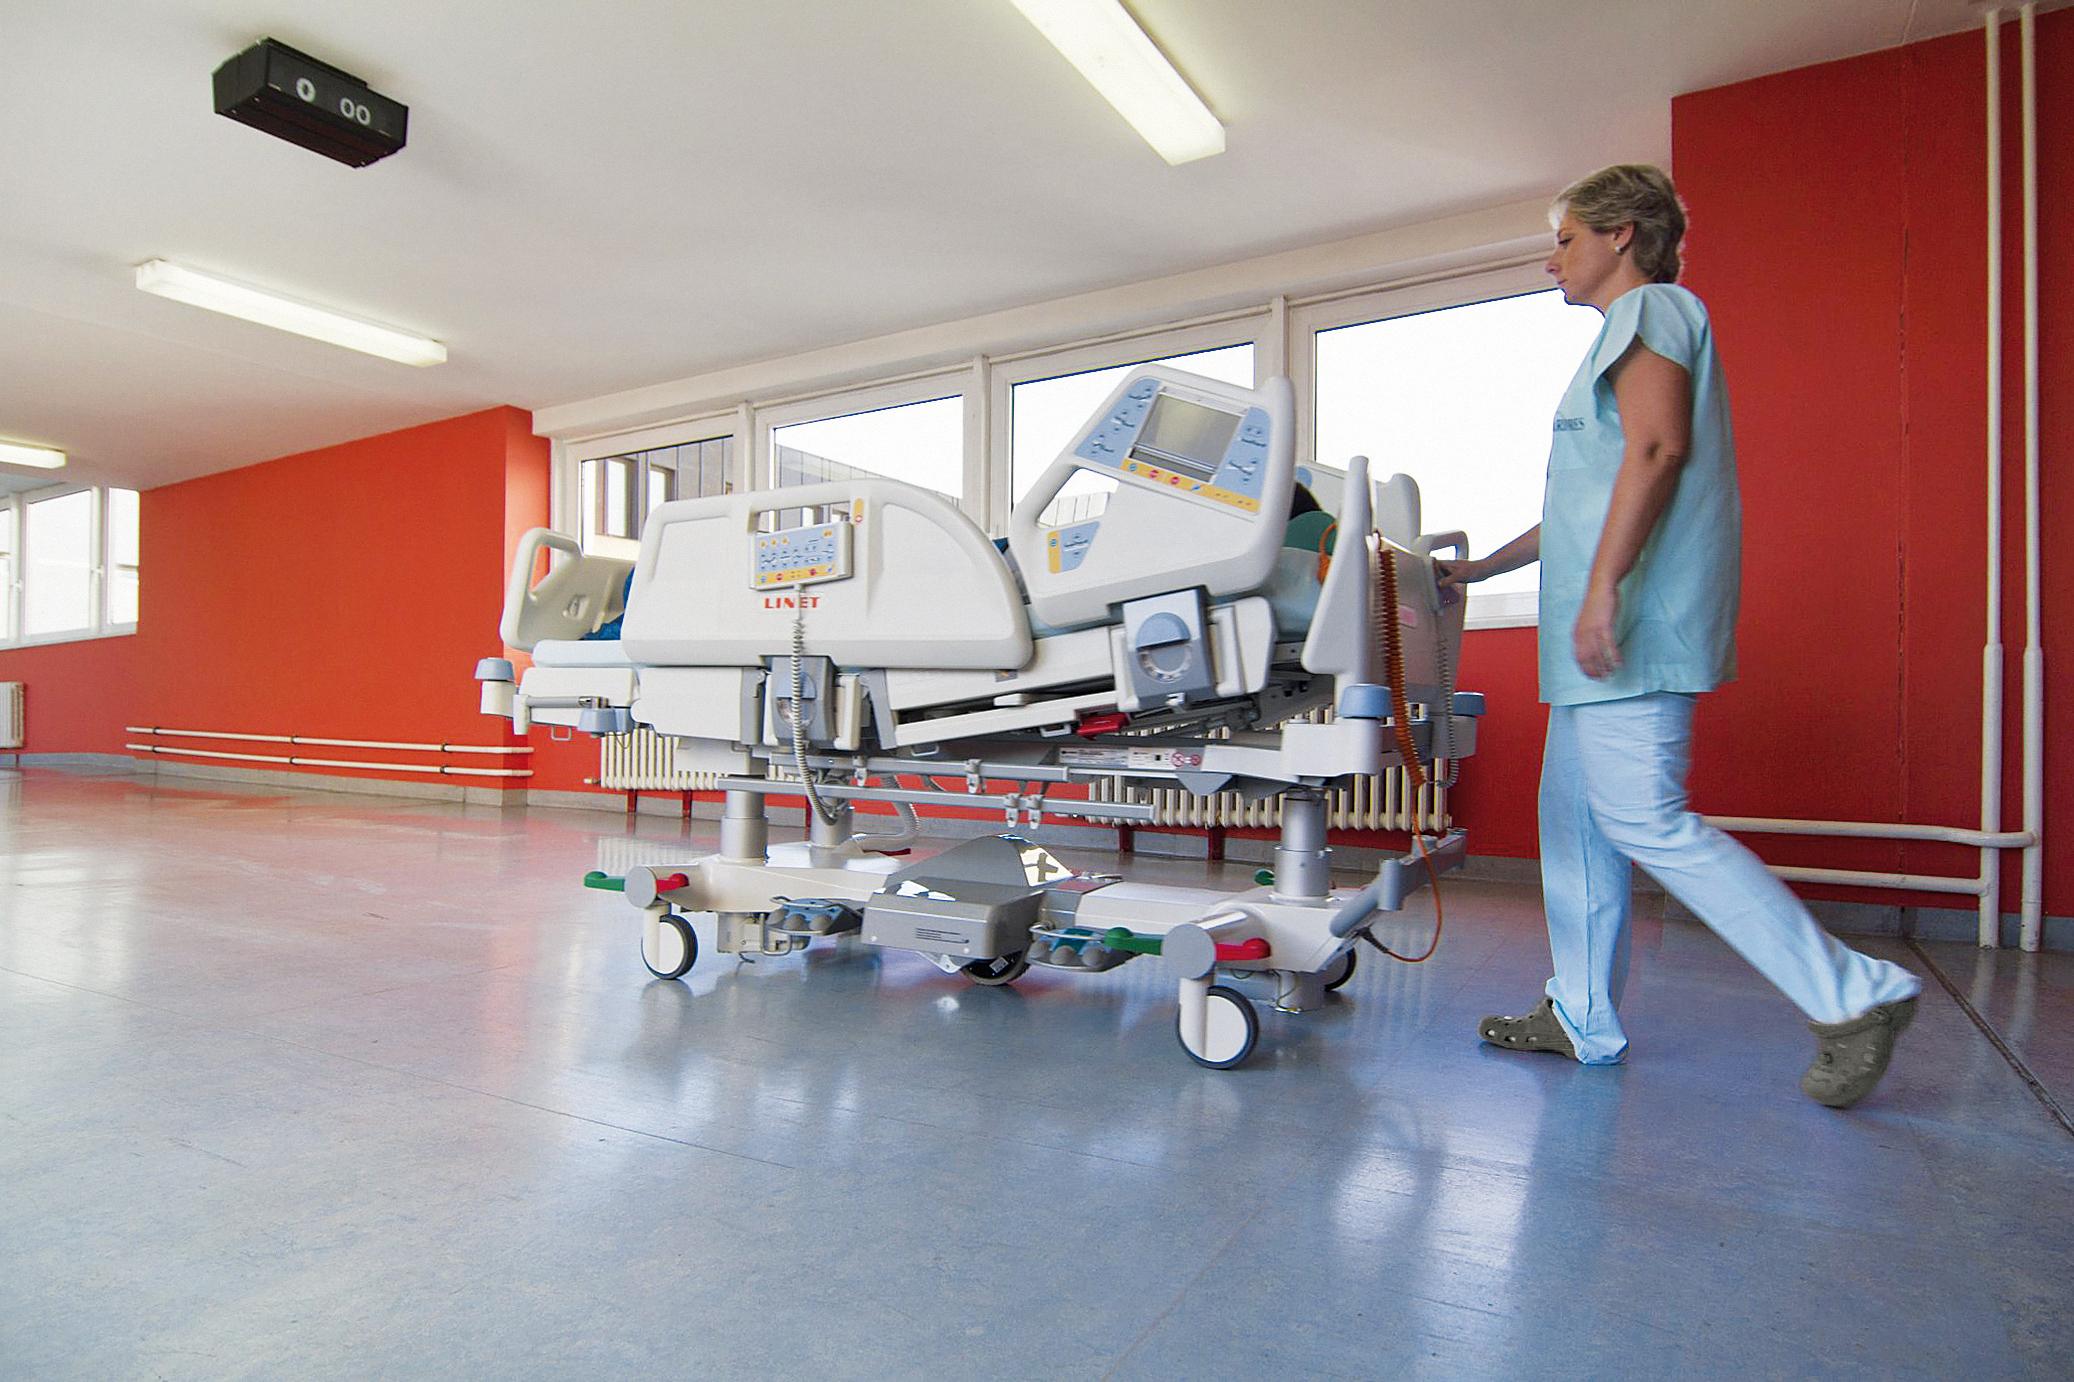 Minimaler Kraftaufwand für den Patiententransport